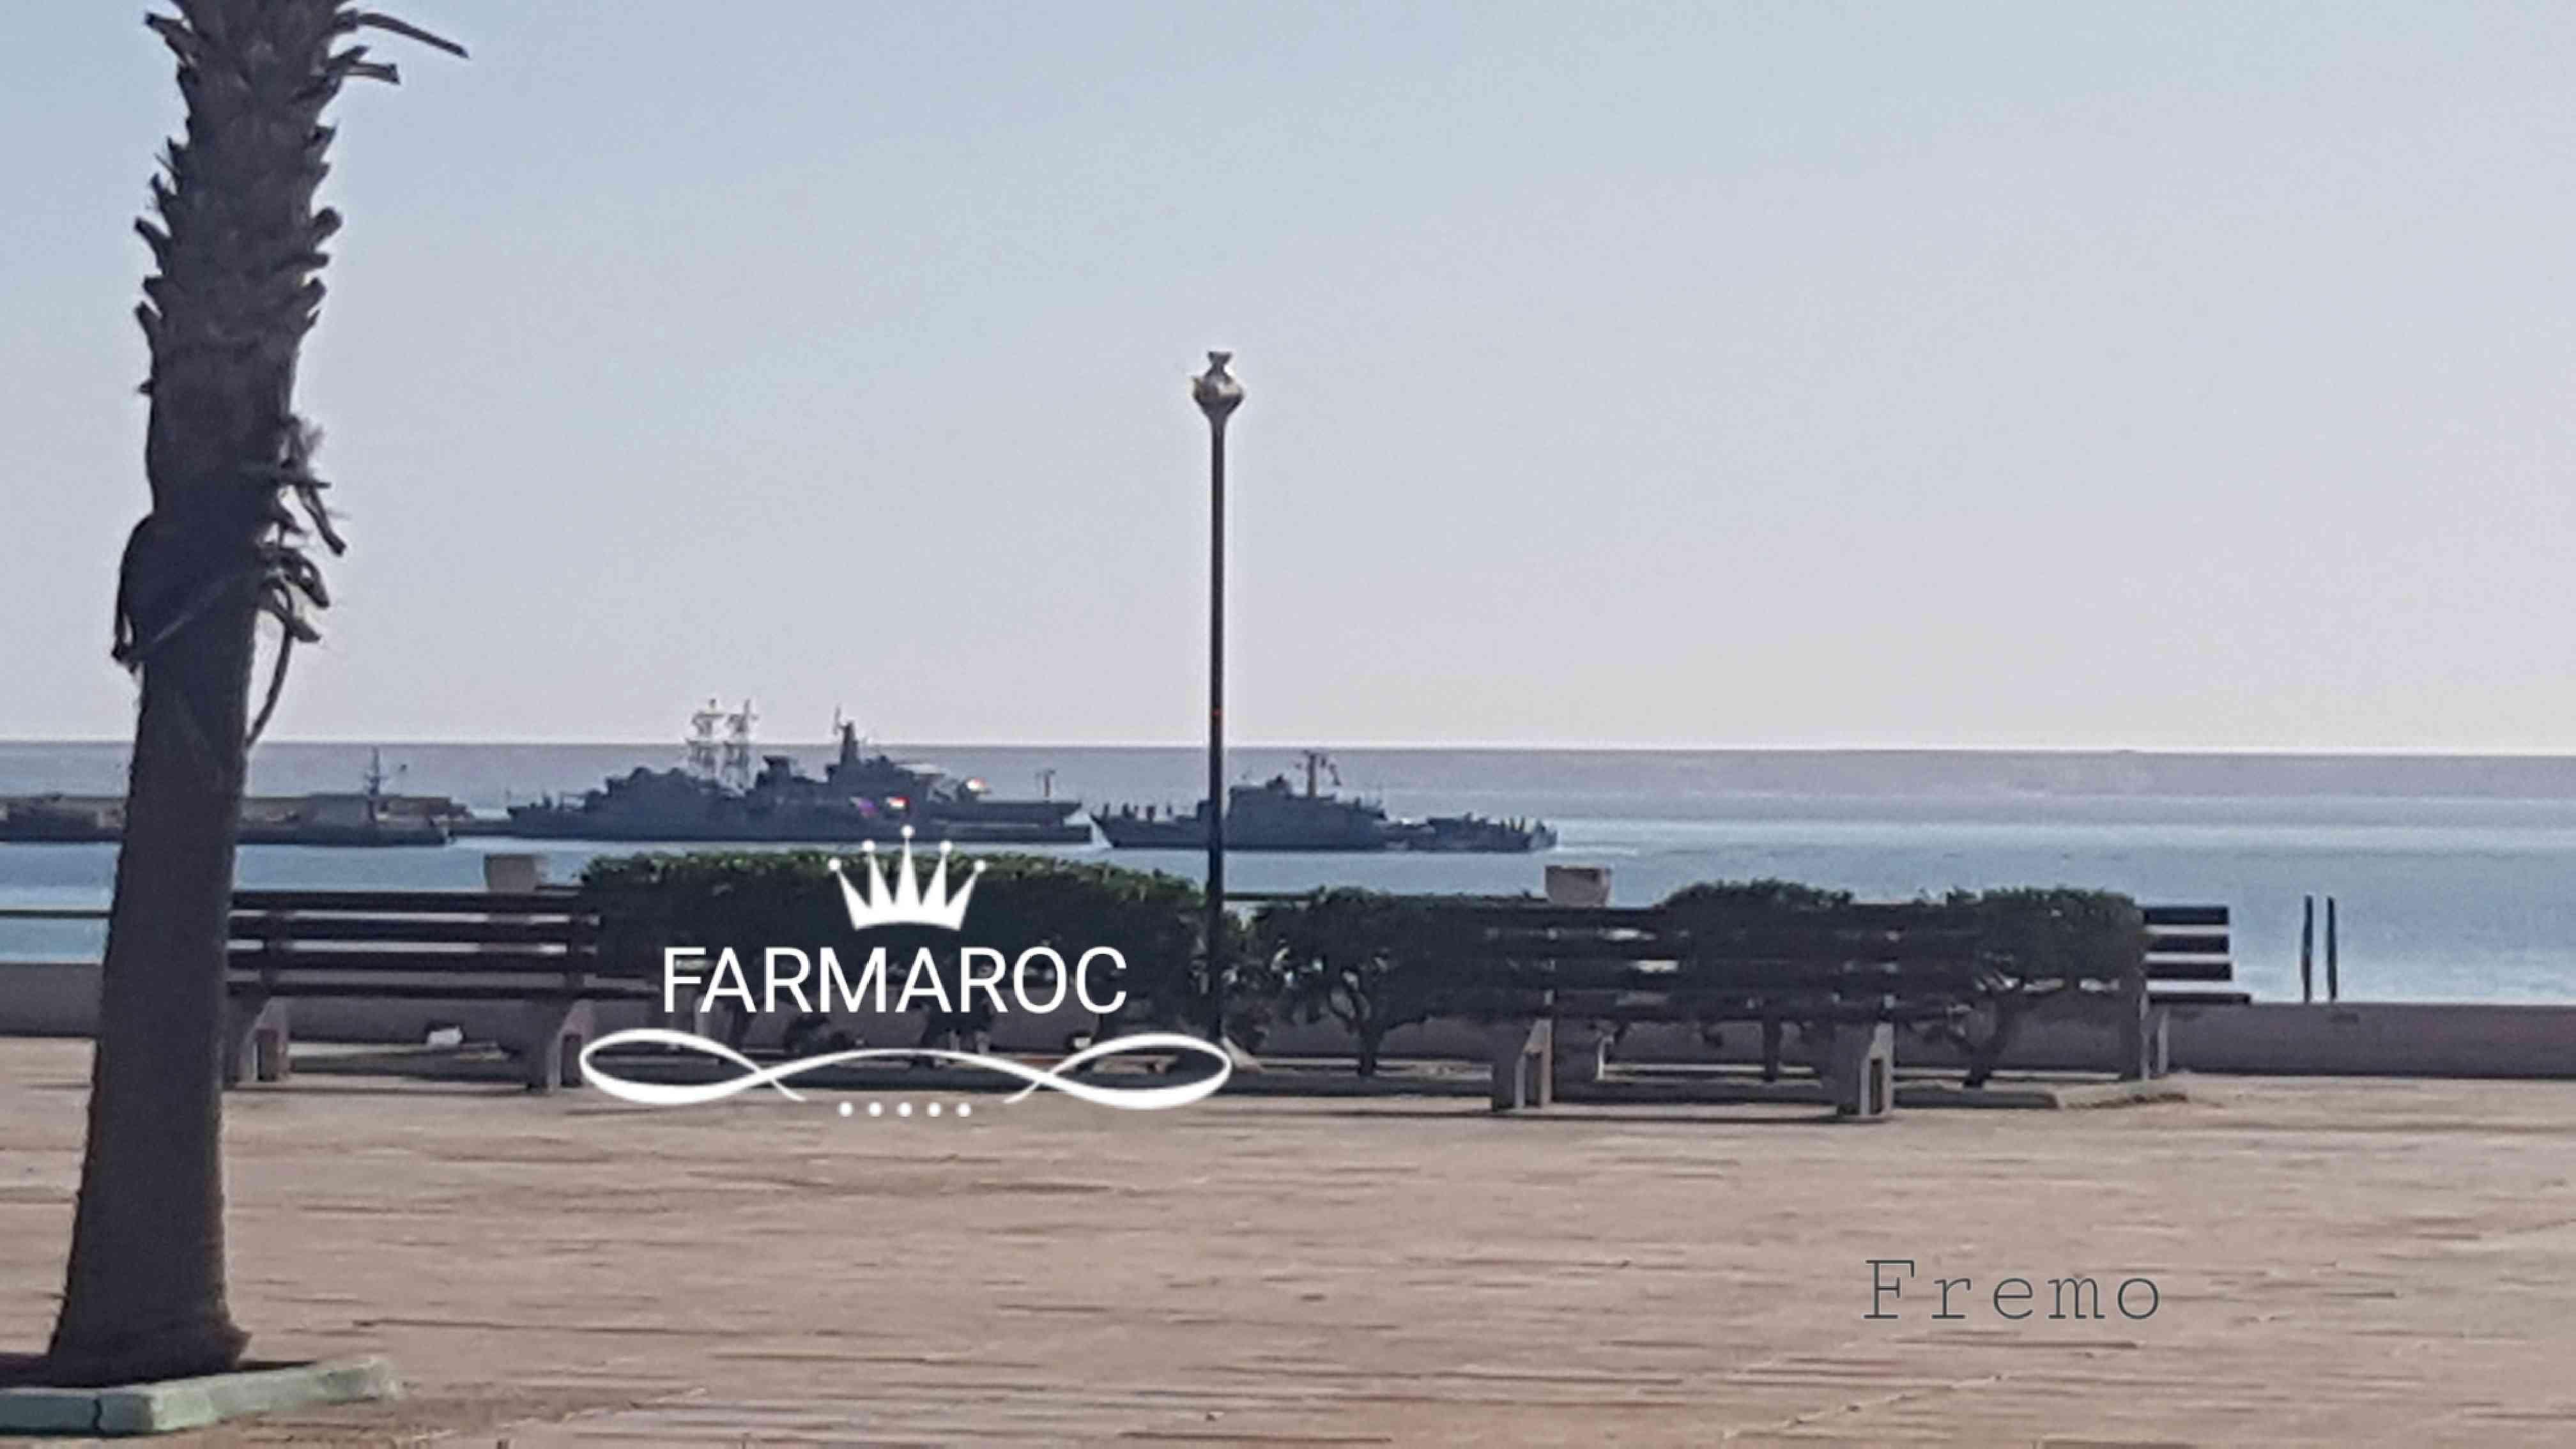 Bases et sites de la Marine Royale Marocaine - Page 2 20180211